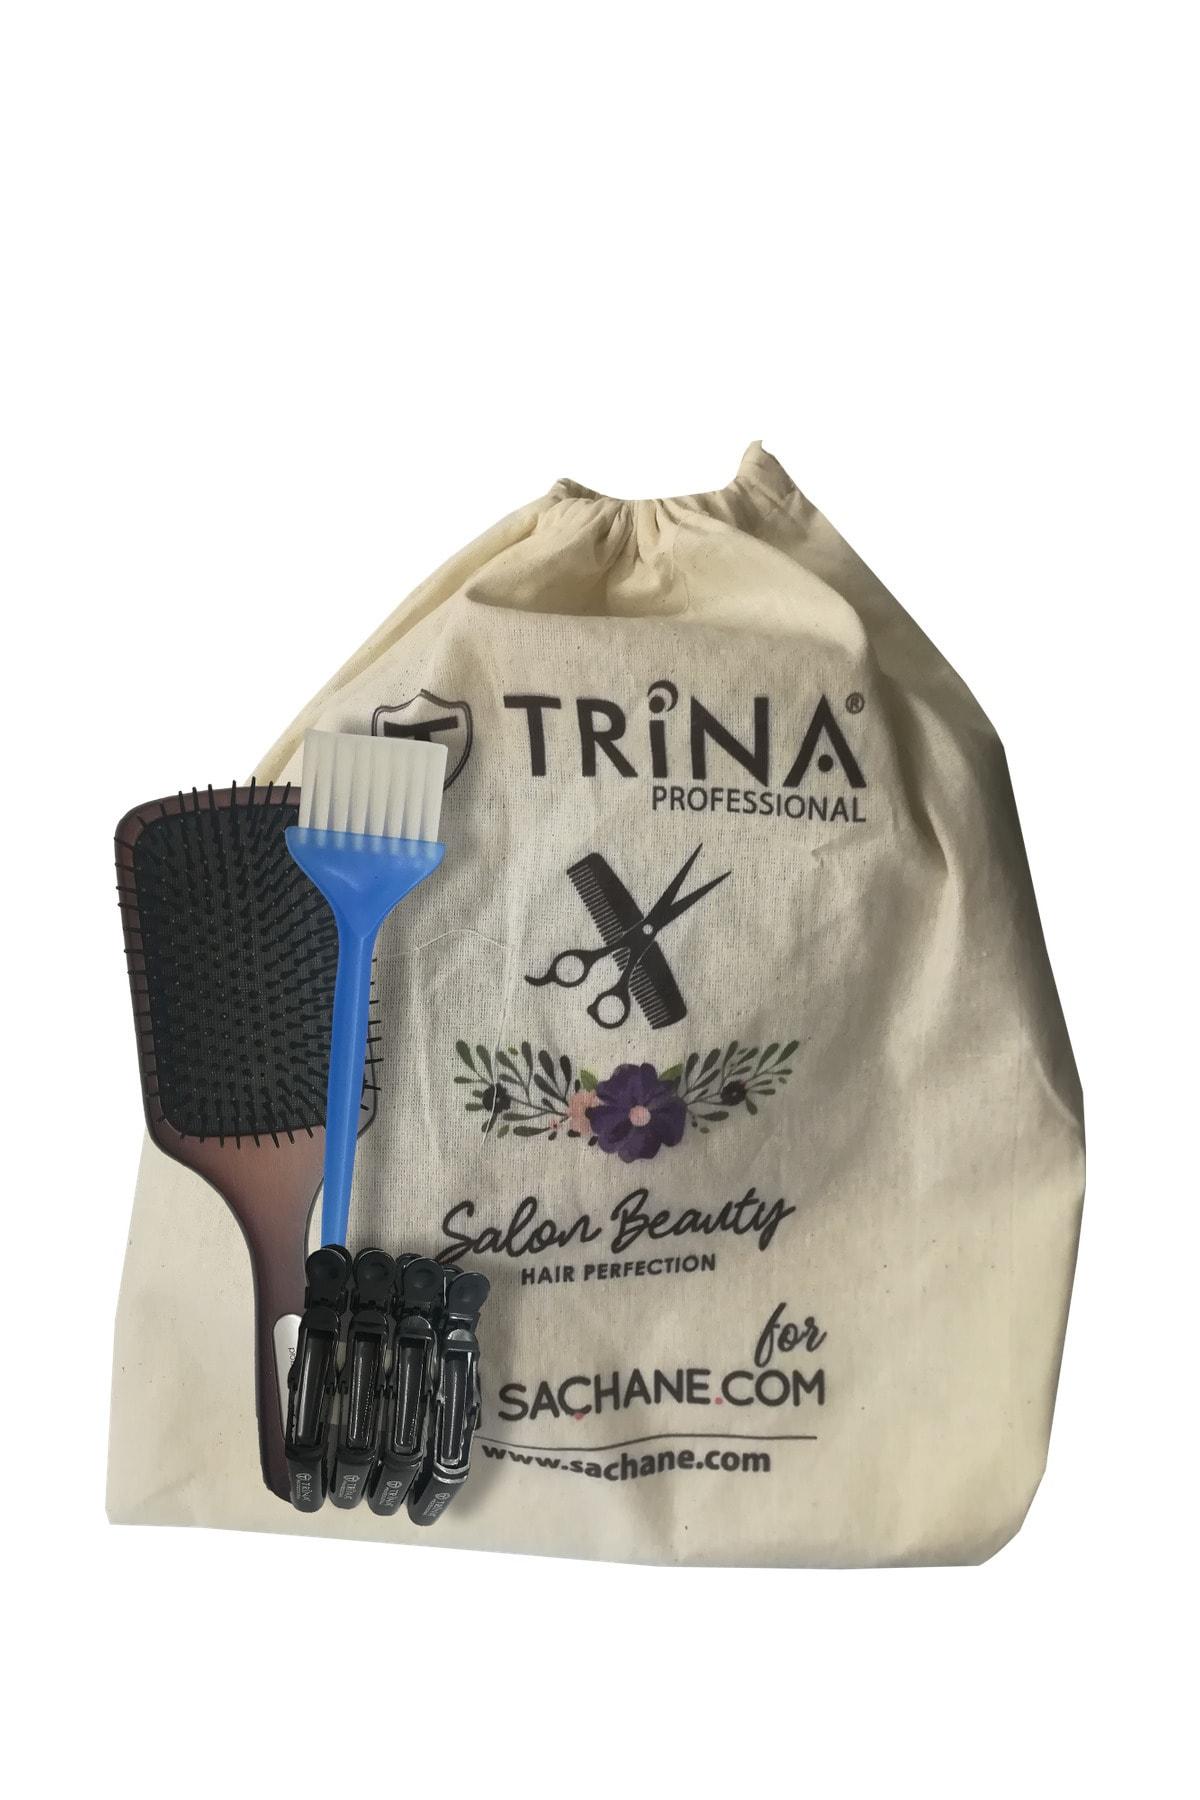 Trina Profesyonel Saç Ekipmanları Seti 1